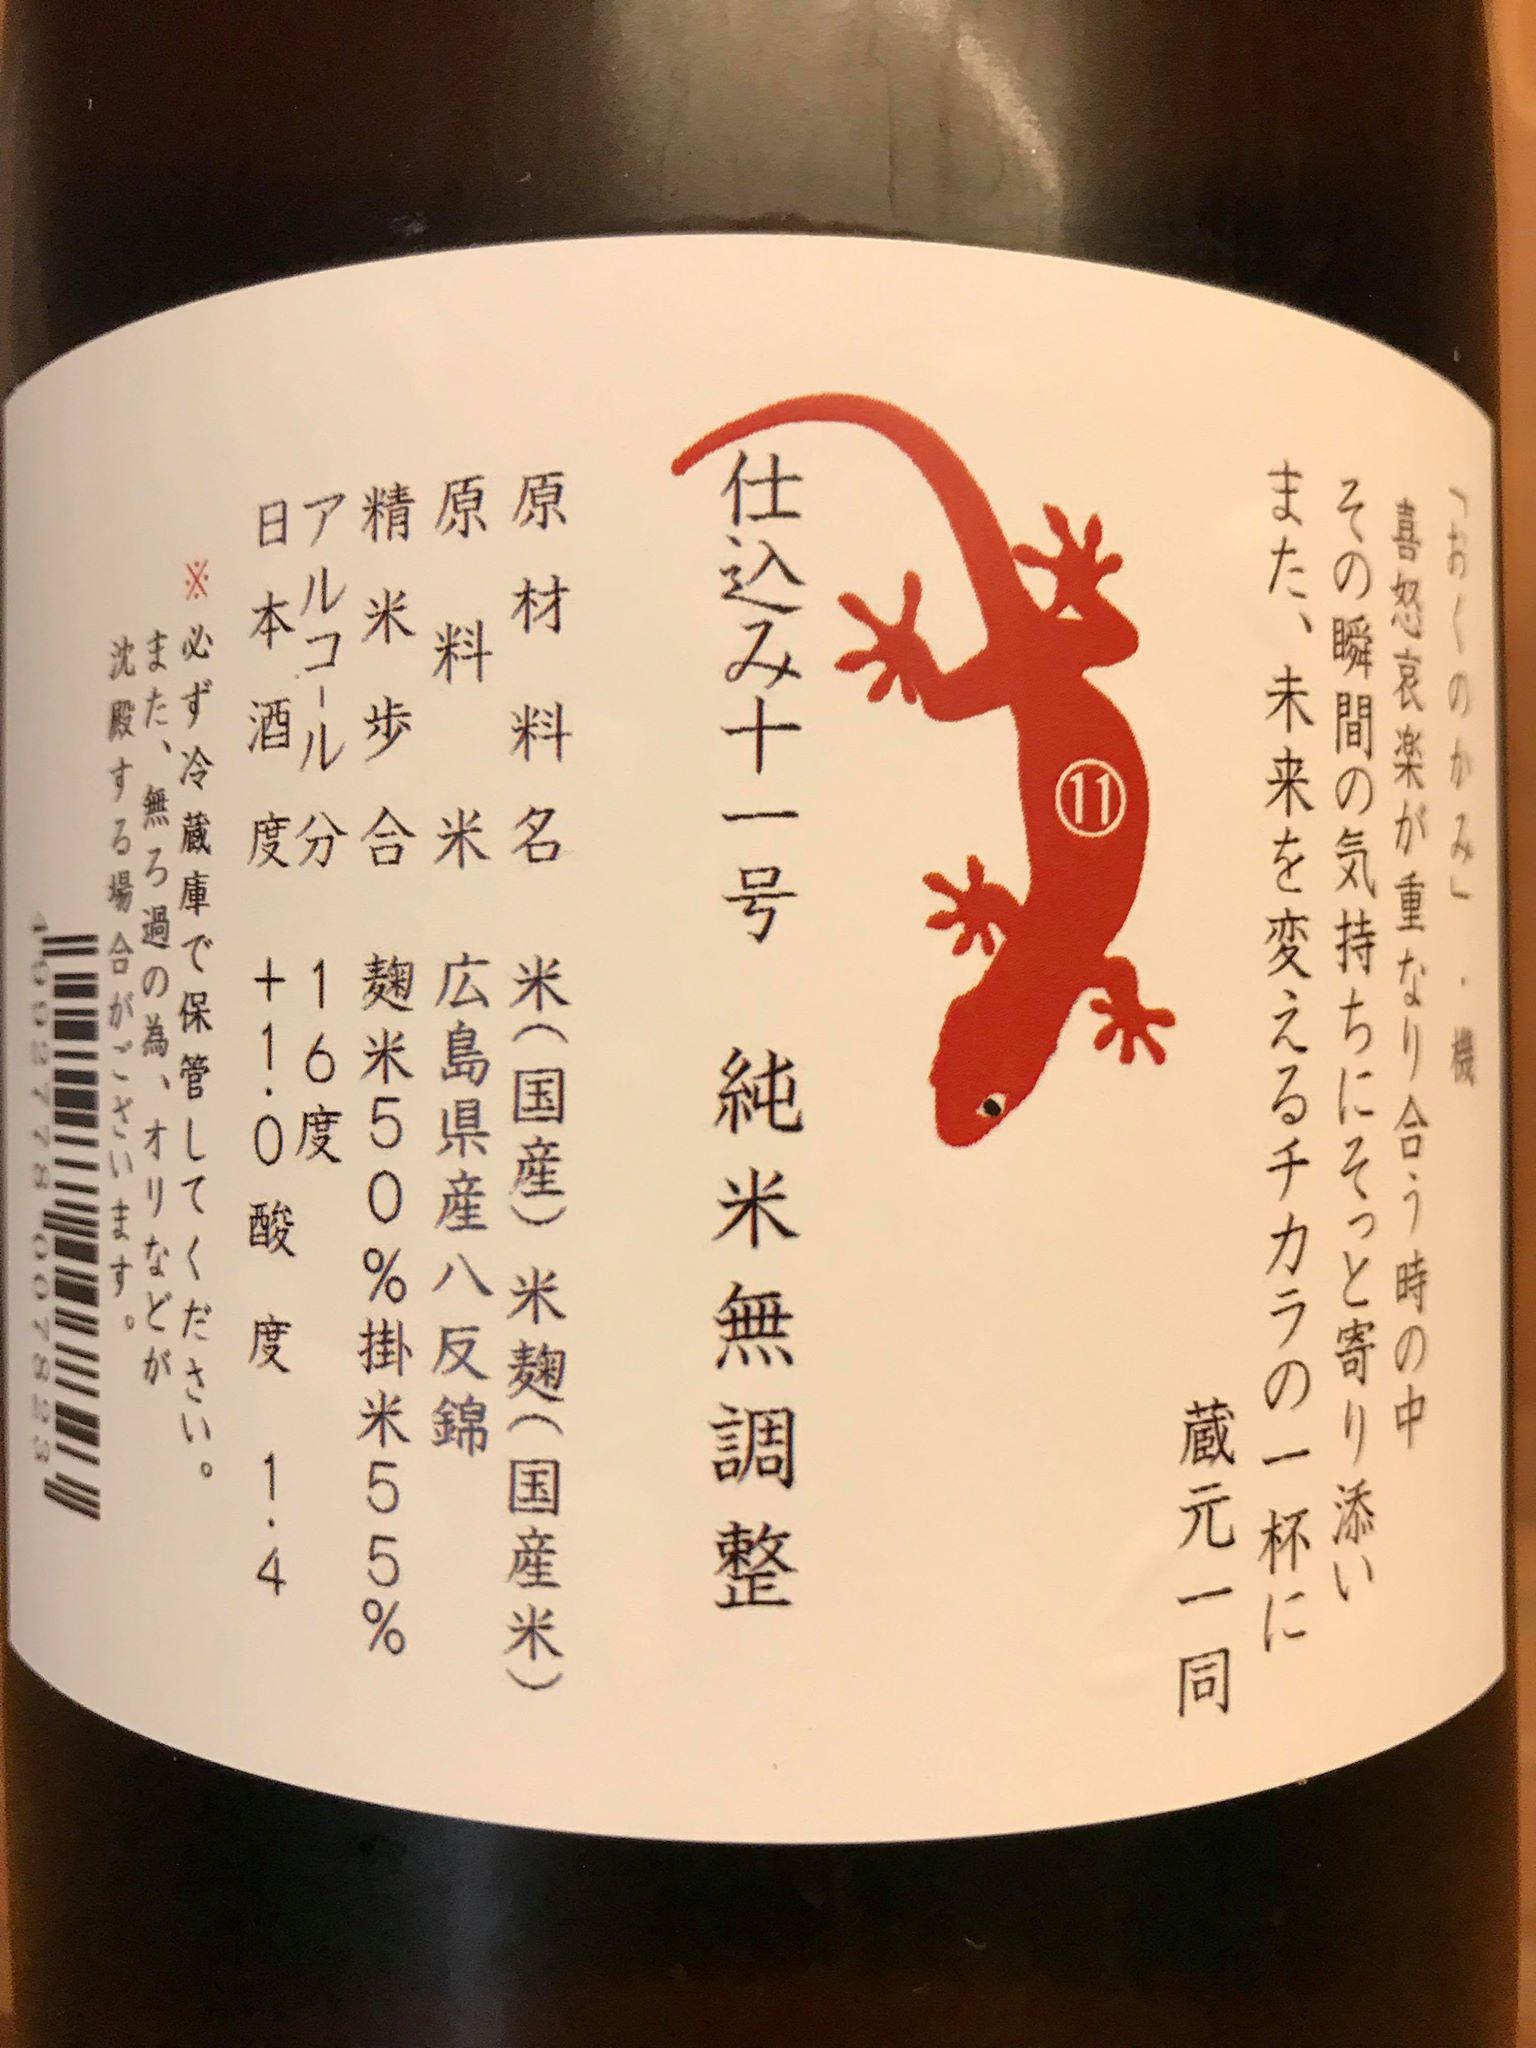 【日本酒】屋守 純米 無調整生詰 八反錦 蔵元低温熟成ver 限定 29BY_e0173738_2221212.jpg